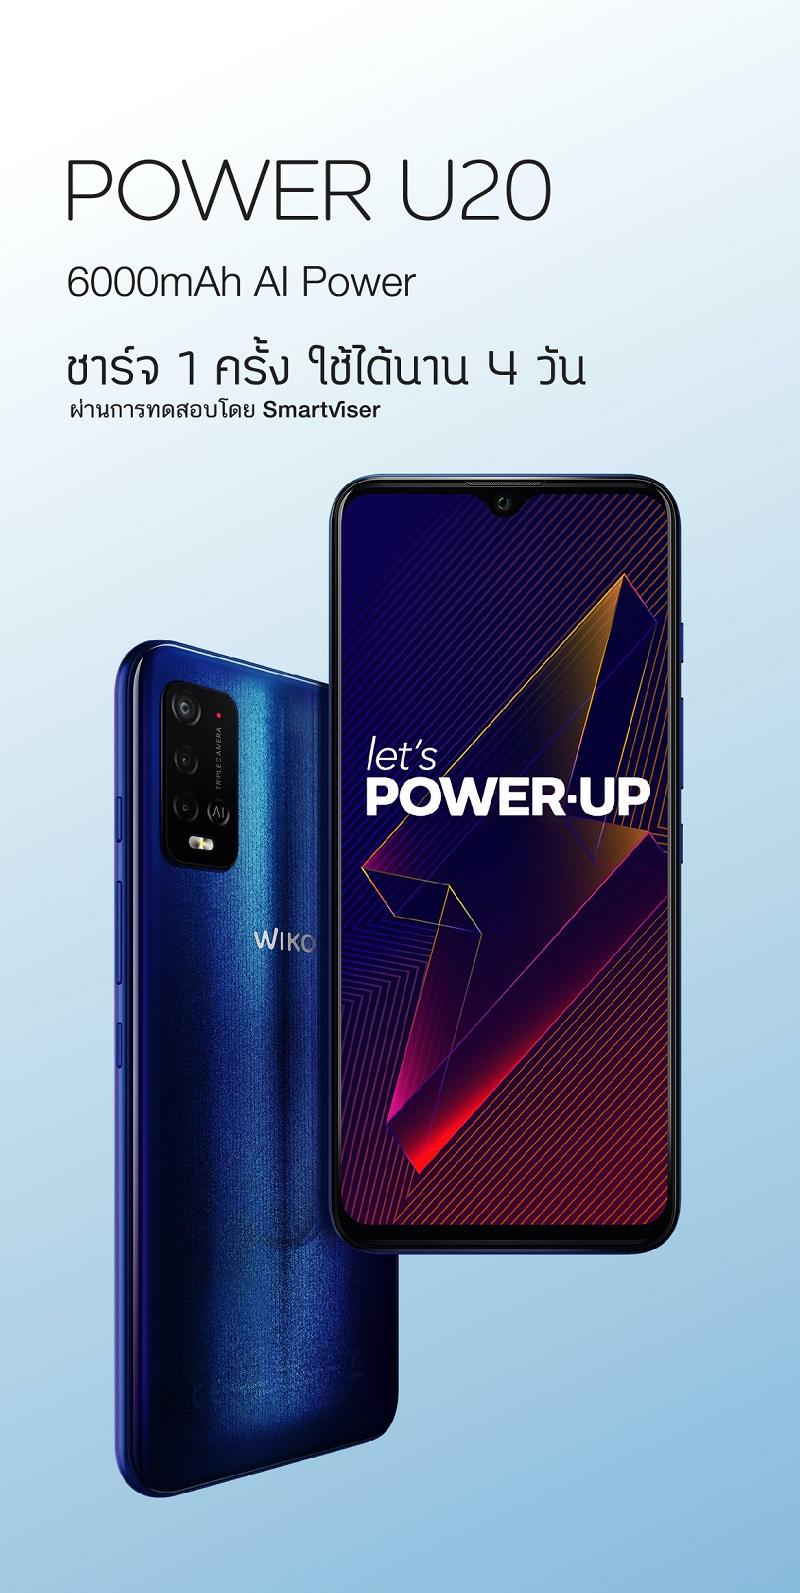 Wiko Power U20 (2)